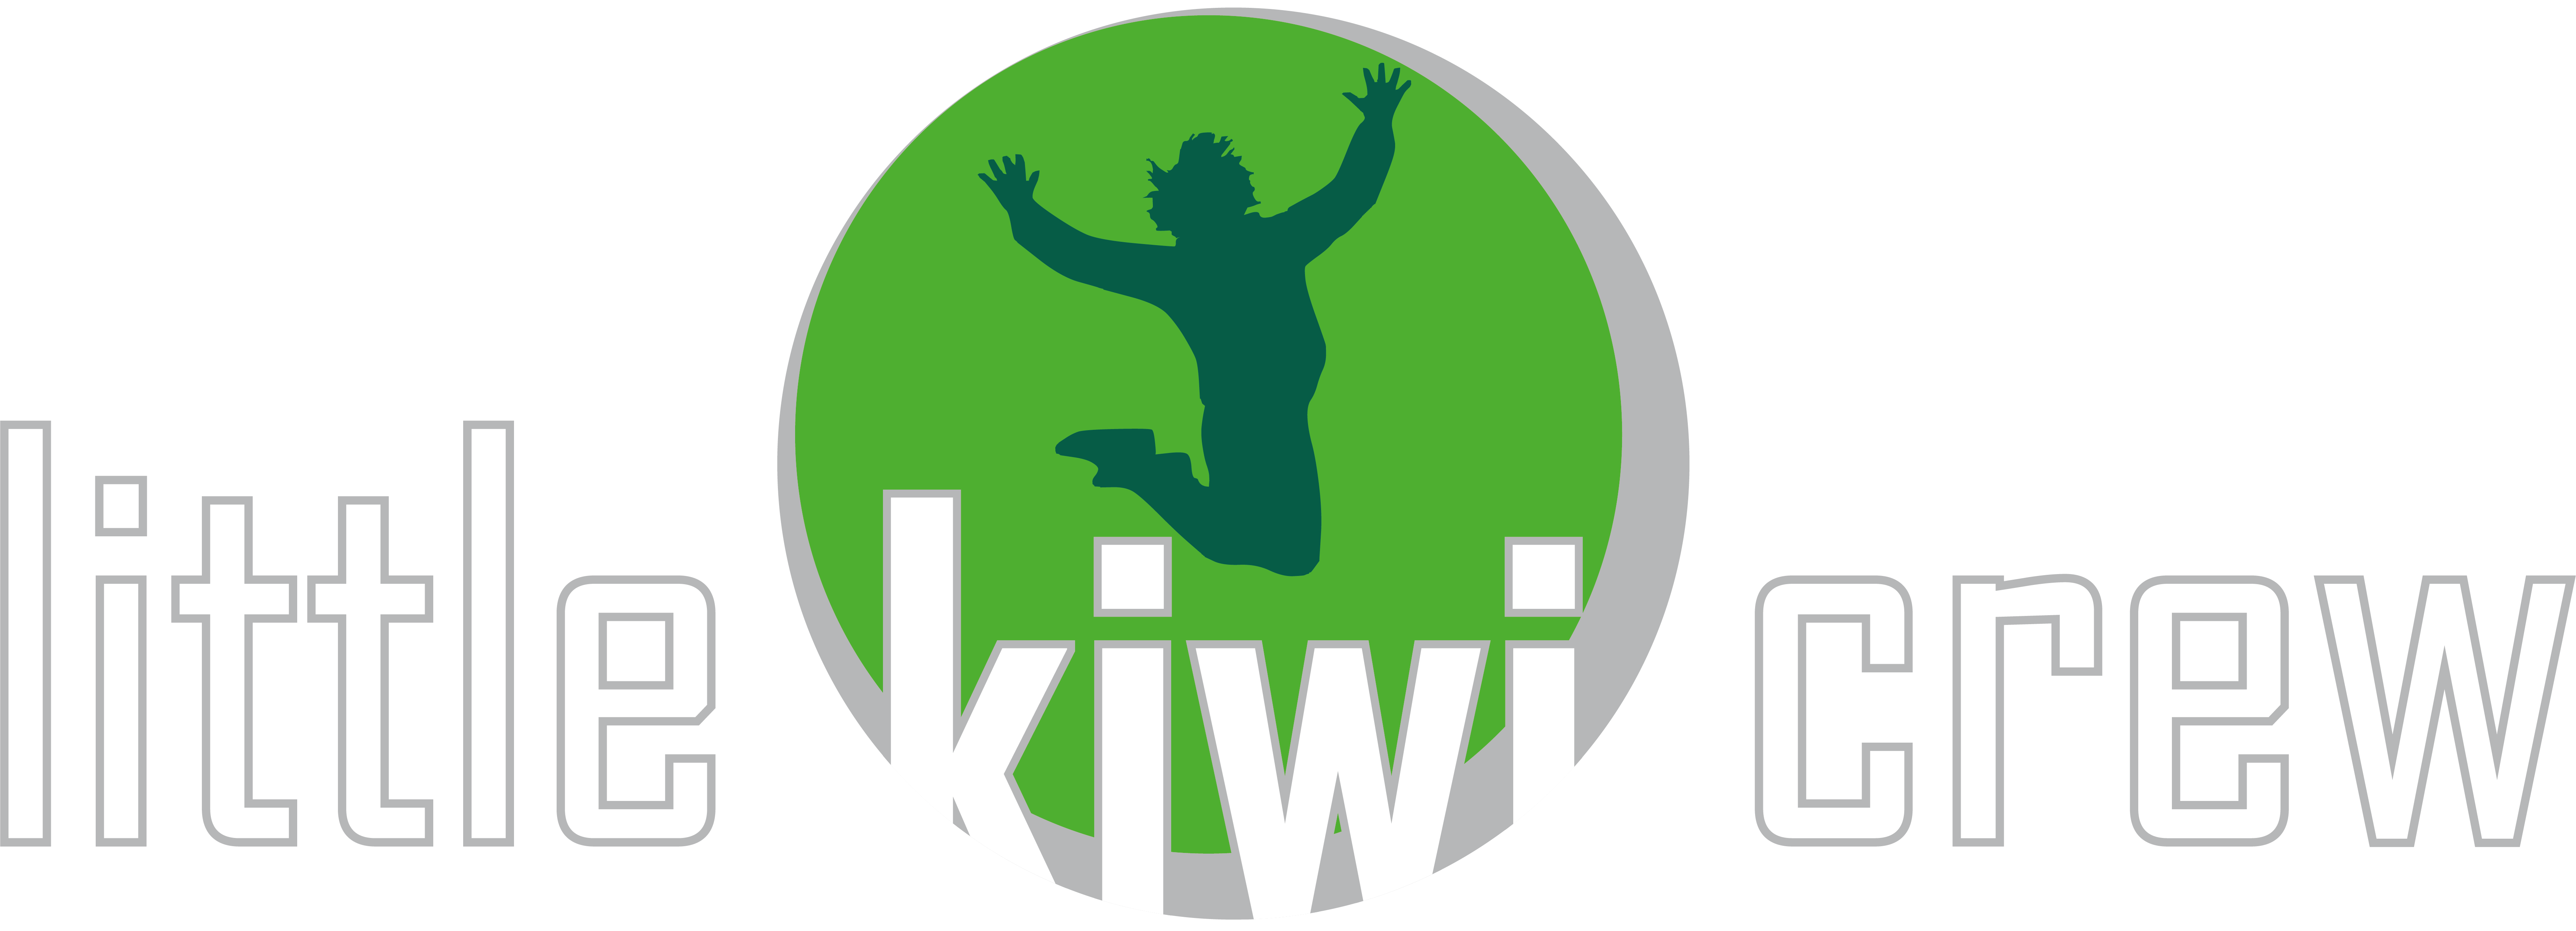 kiwi_logo_fertig